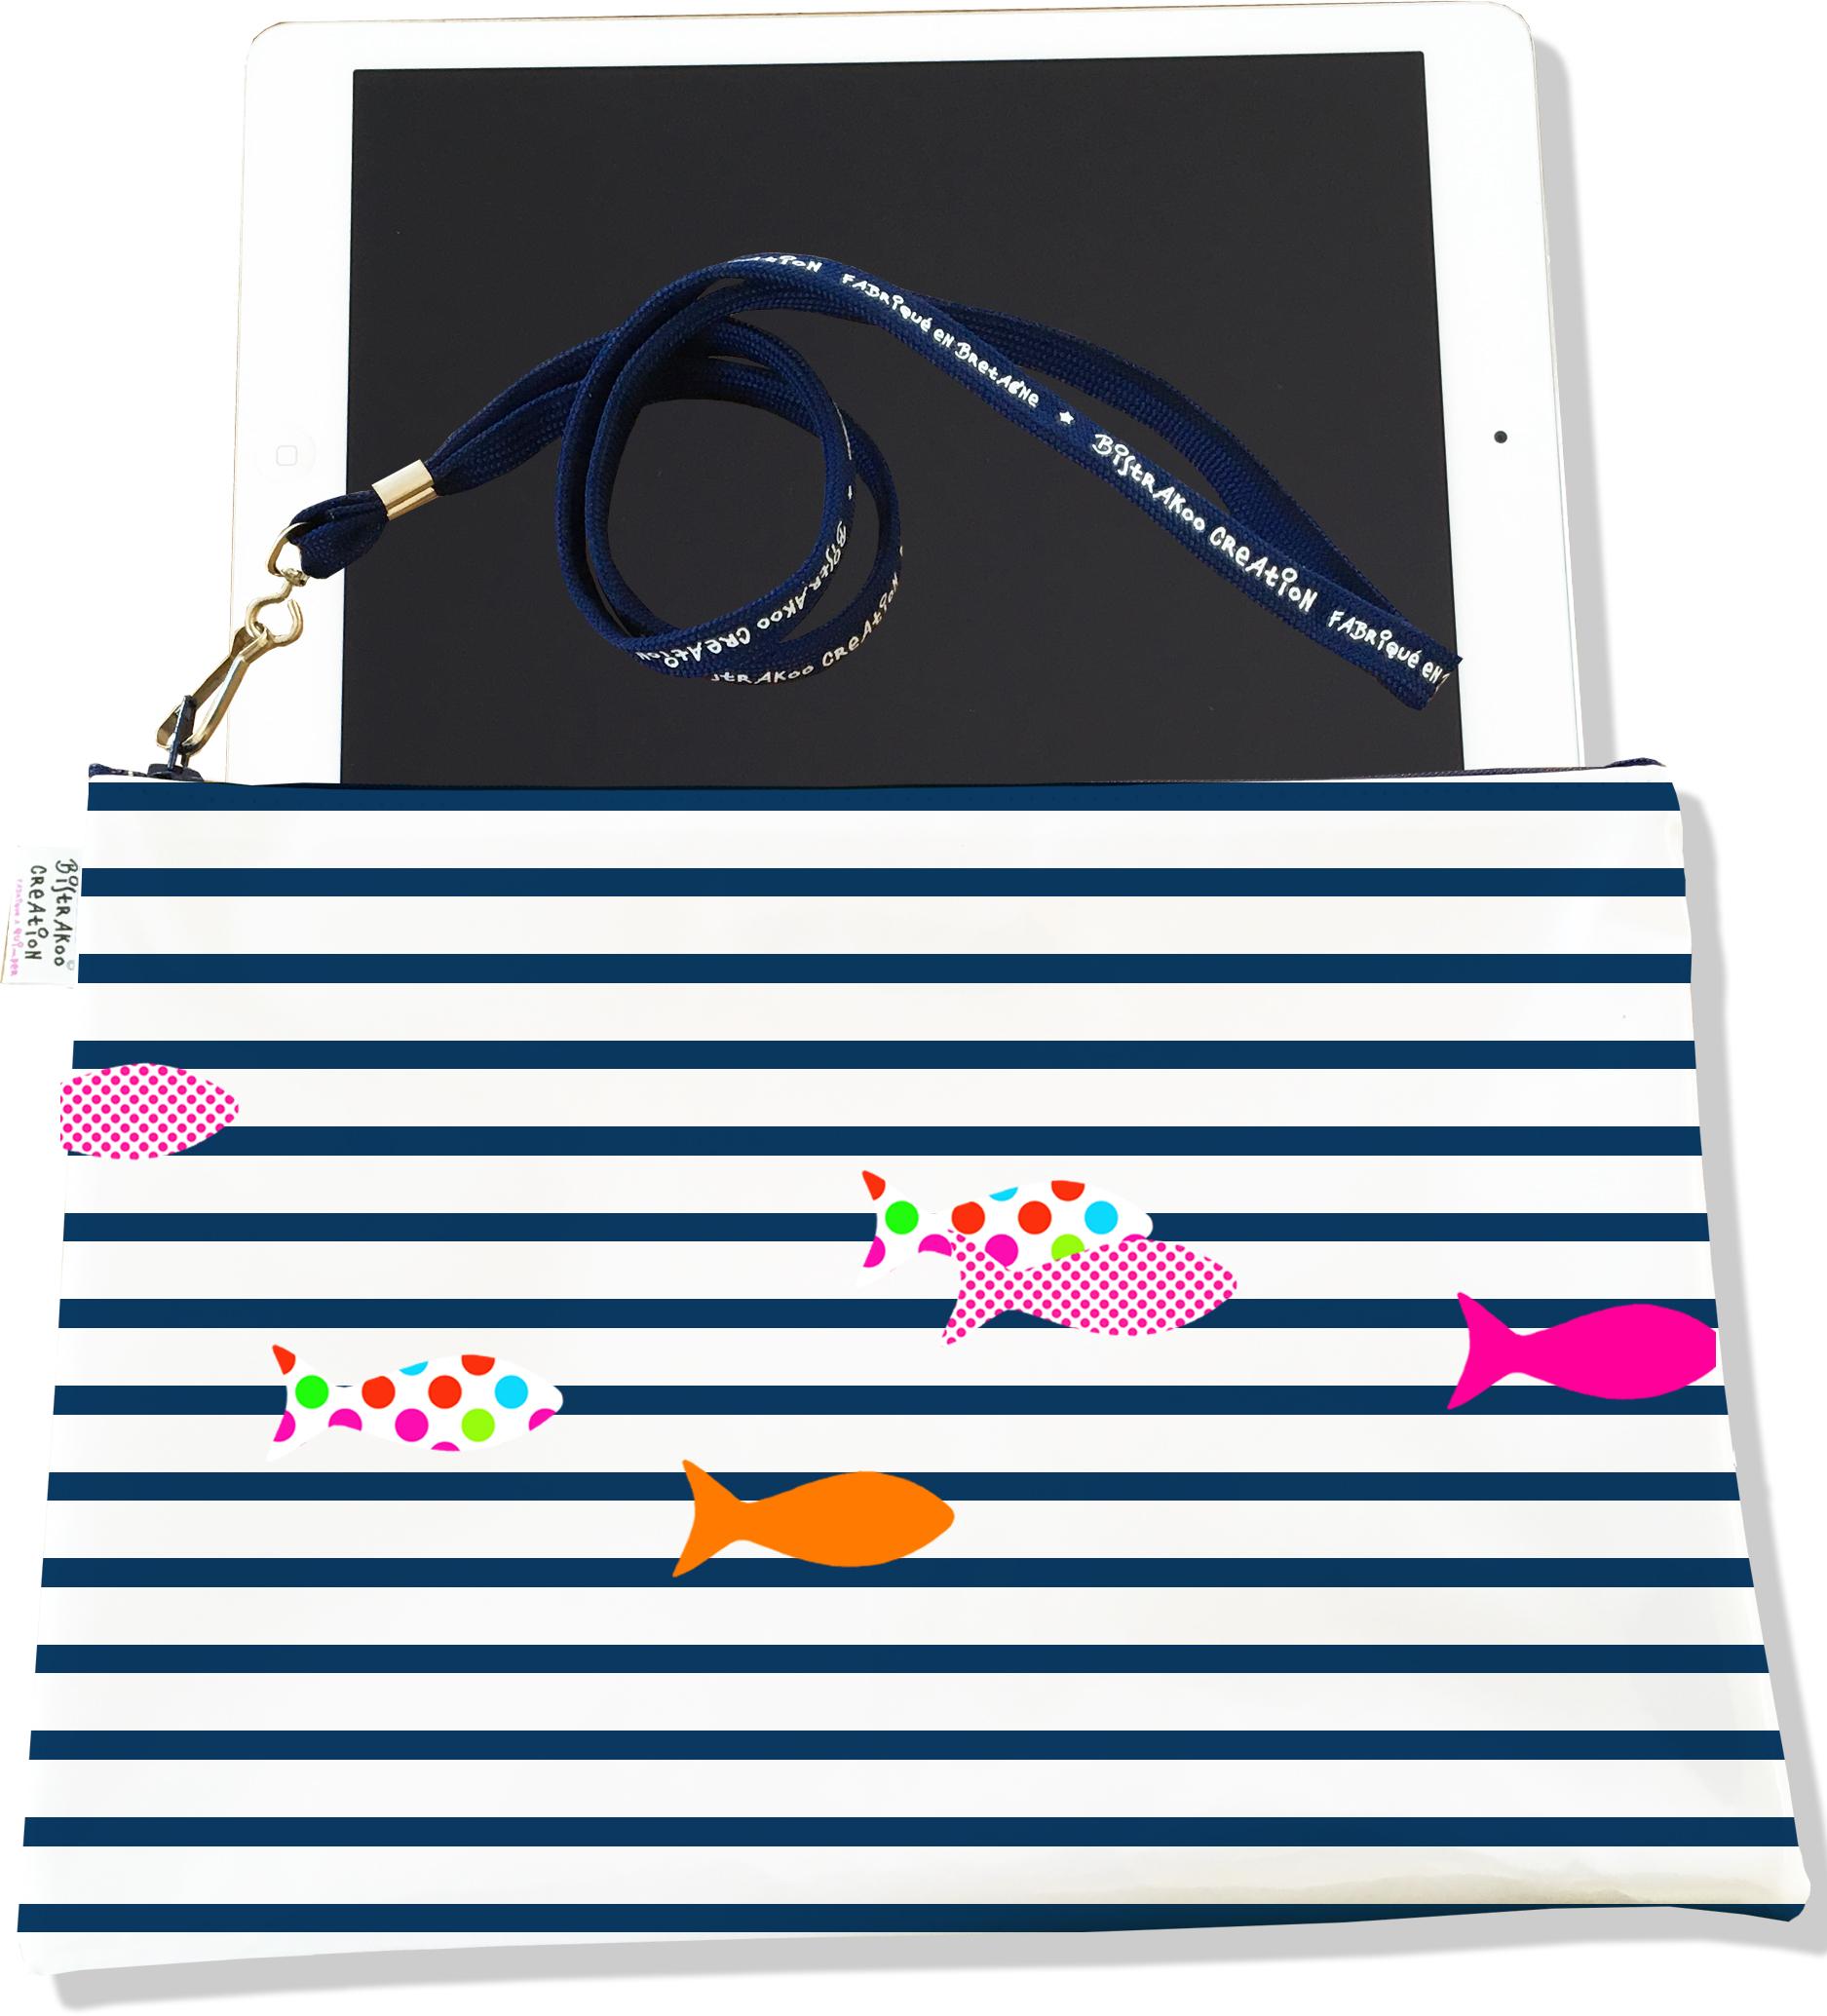 Housse pour tablette pour femme motif Marinière bleu marine poissons multicolores 2357-2016